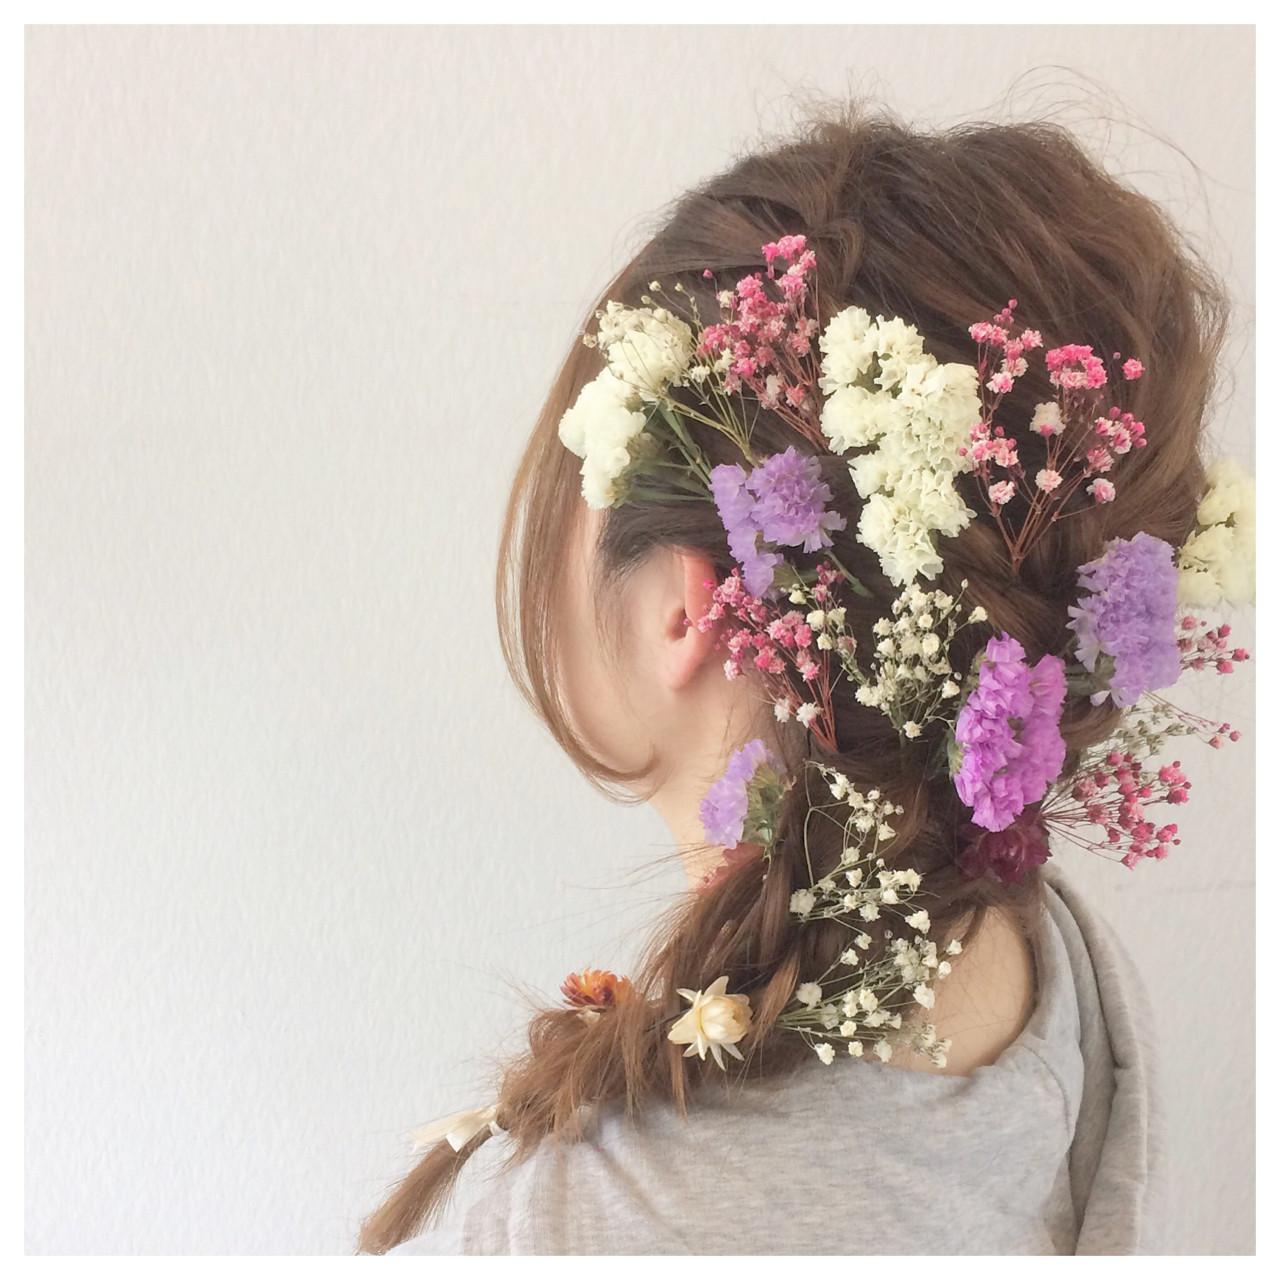 ウエディングドレス向けヘアスタイル♡人生で1番美しい私になれる髪型10選 ヤマナカサトル